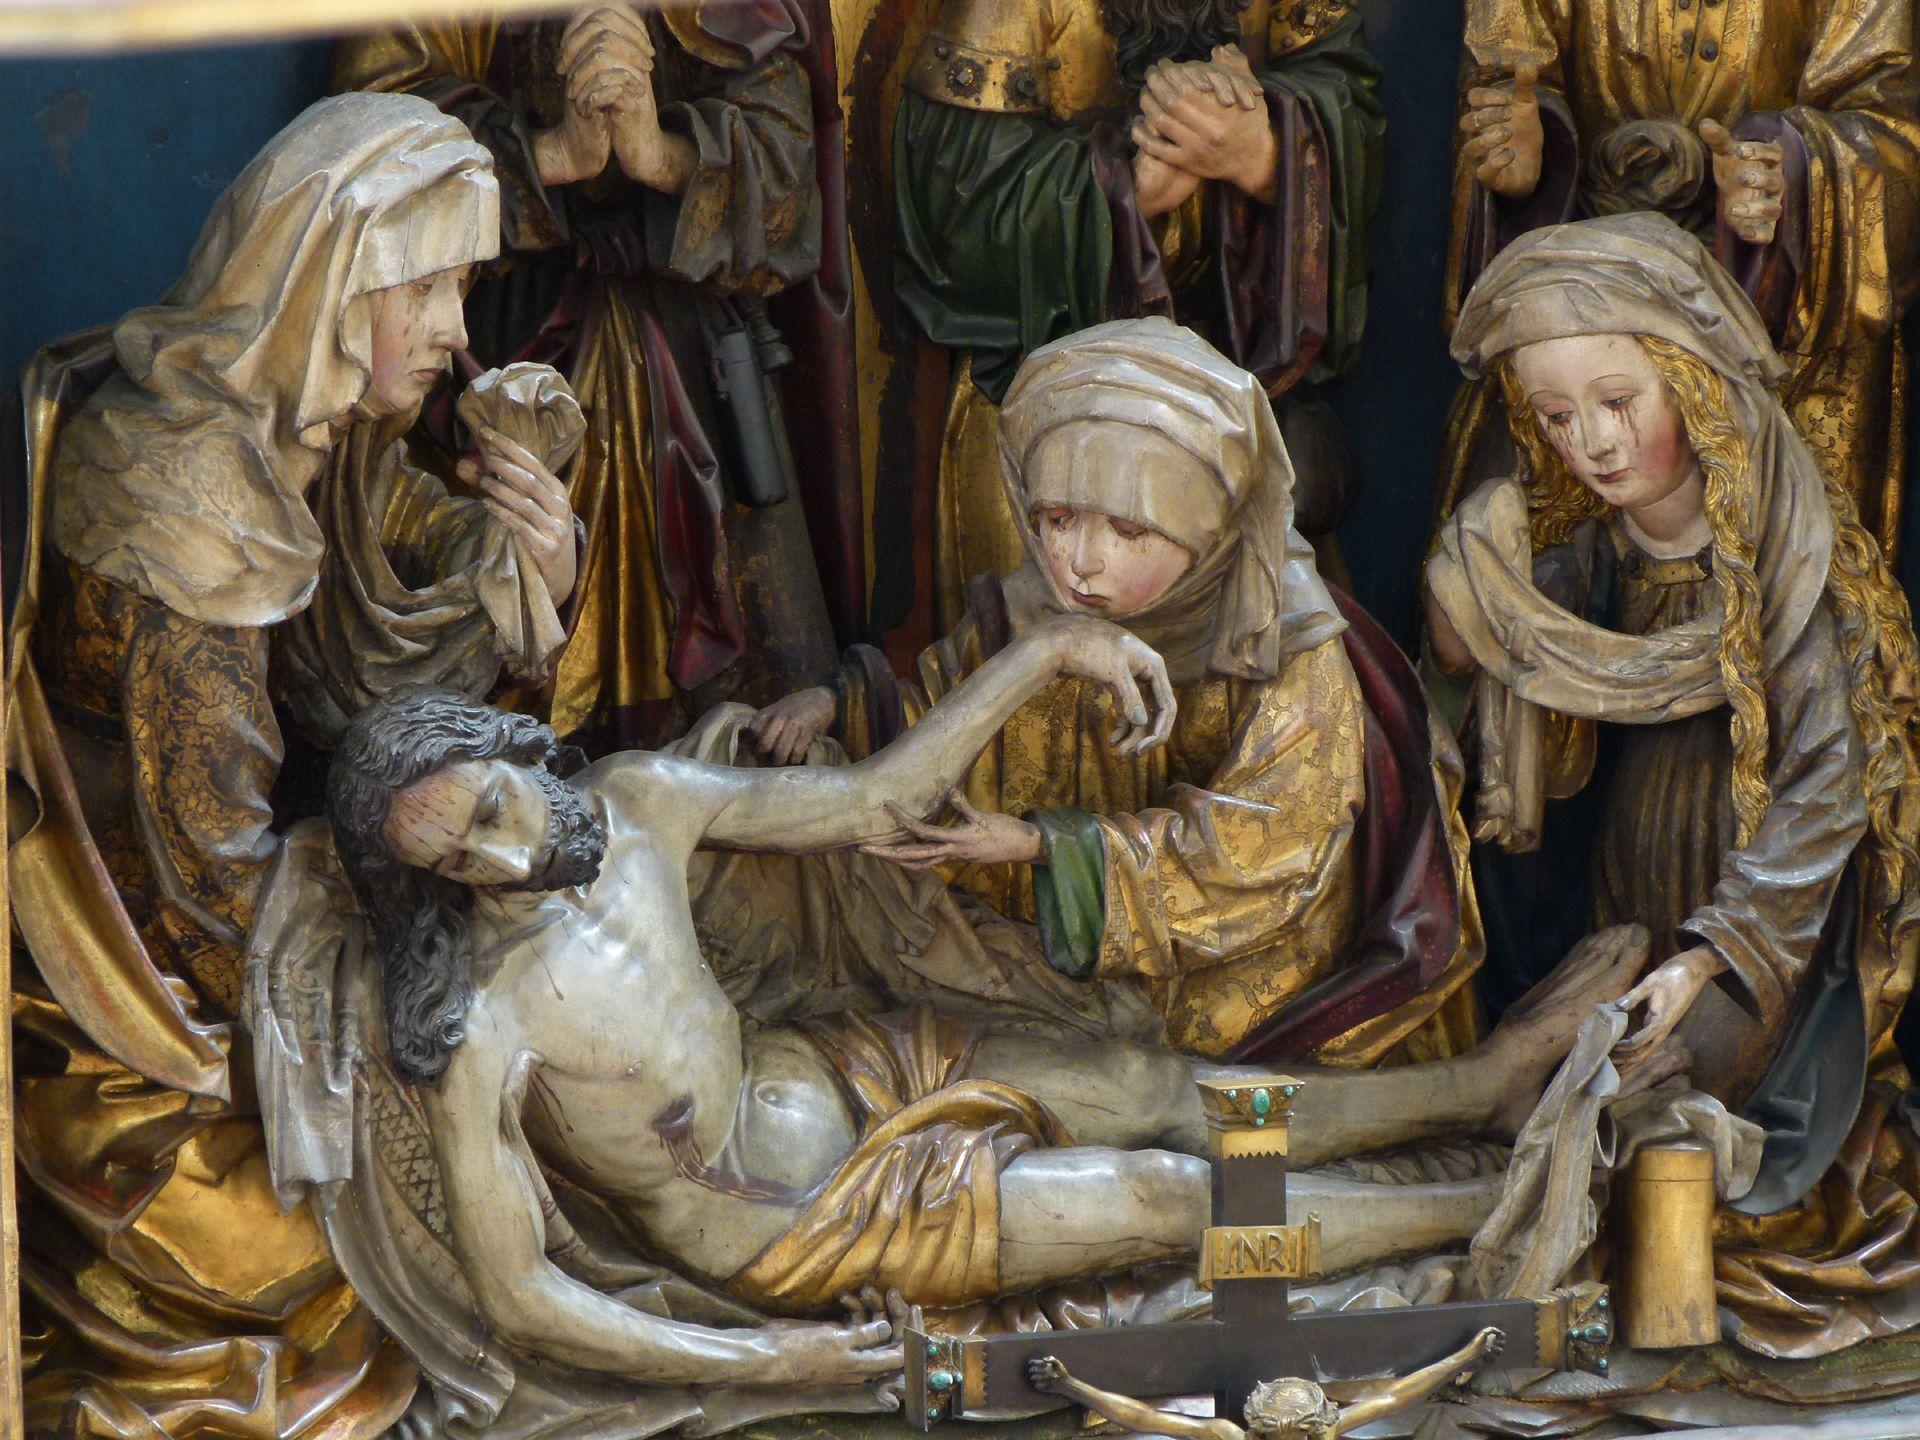 Peringsdörffer Retabel Mittelschrein: Beweinung Christi mit den drei Marien, von l. nach r.: Jungfrau Maria, Maria Kleophas und Maria Magdalena